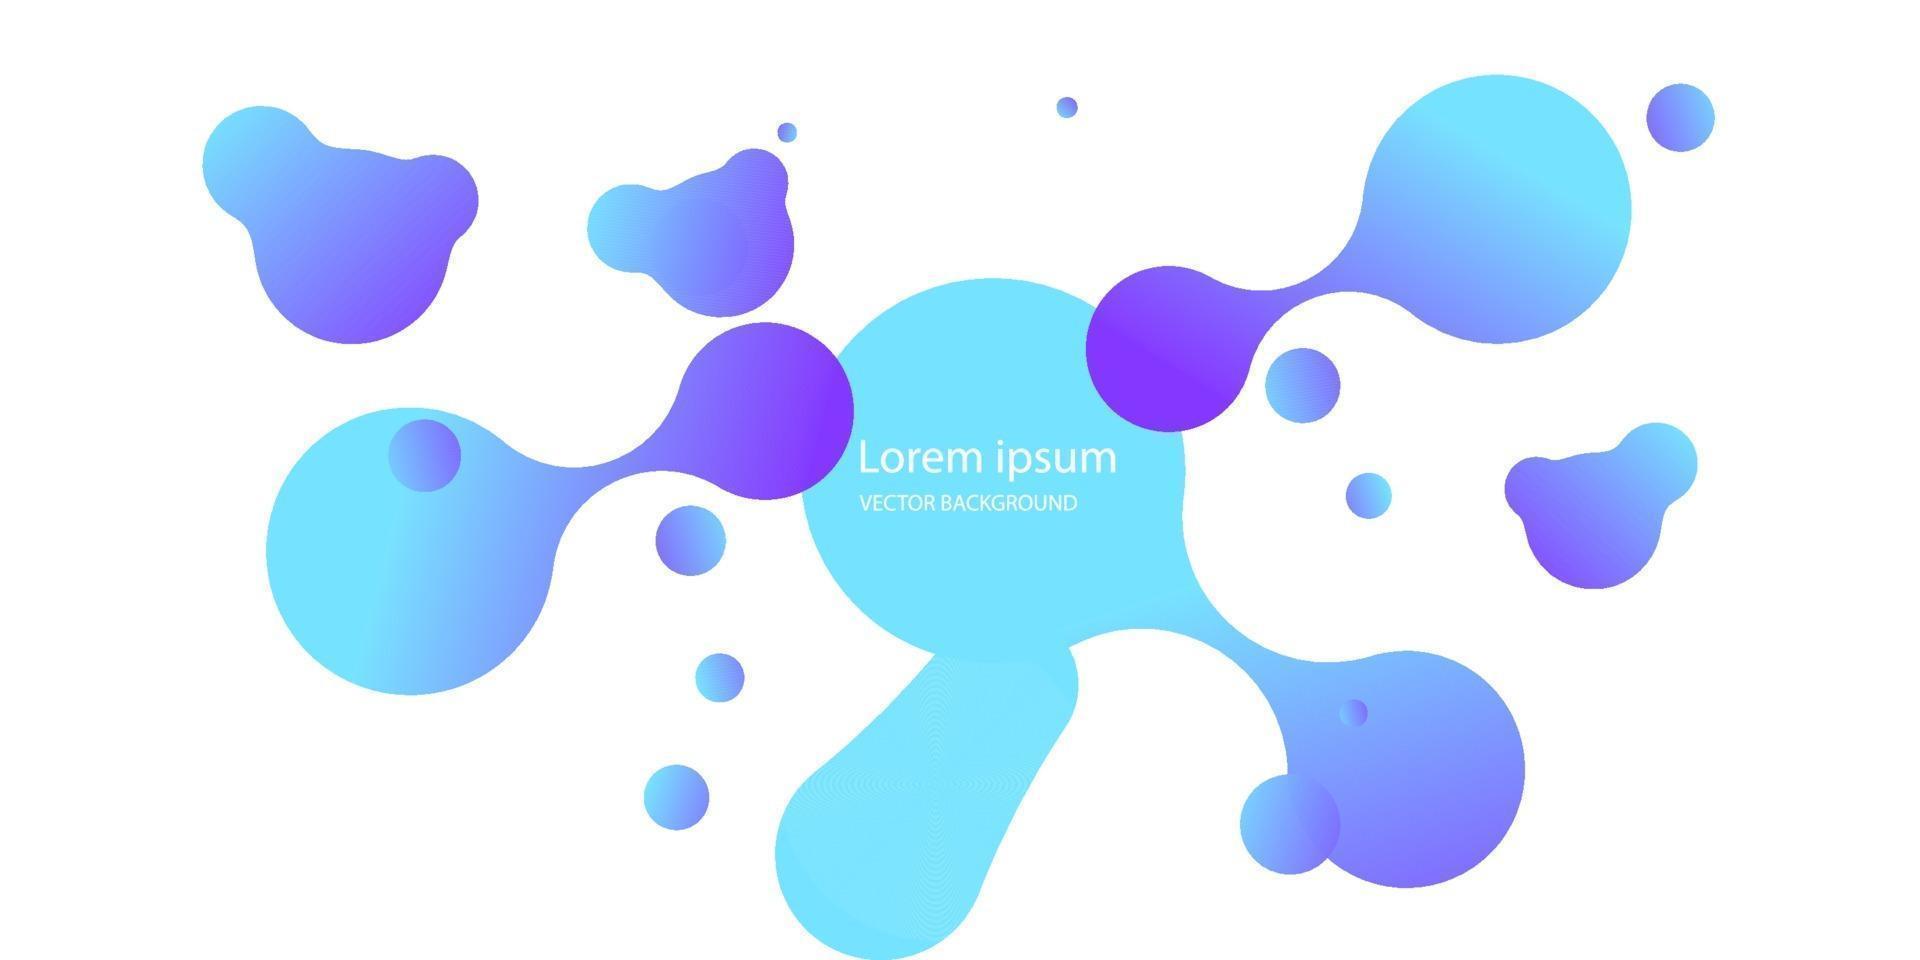 probiotika bakterier vektor design. probiotika bakterier vektor design. begreppet design med laktobacillus probiotiska bakterier. mall design med prebiotisk hälsosam näringsingrediens